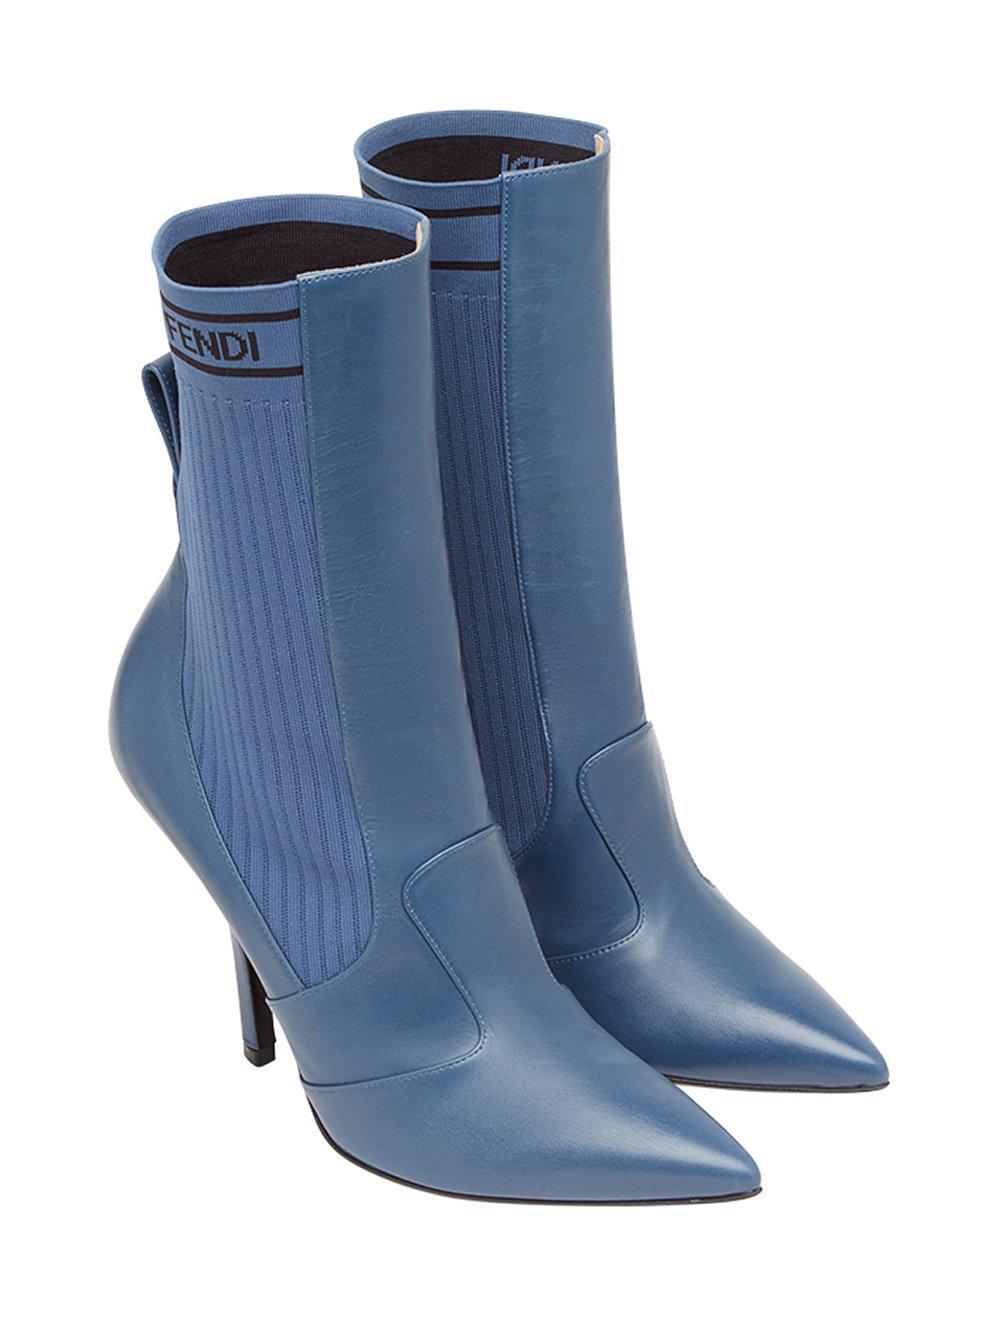 Fendi Leather Rockoko Boots in Blue - Lyst